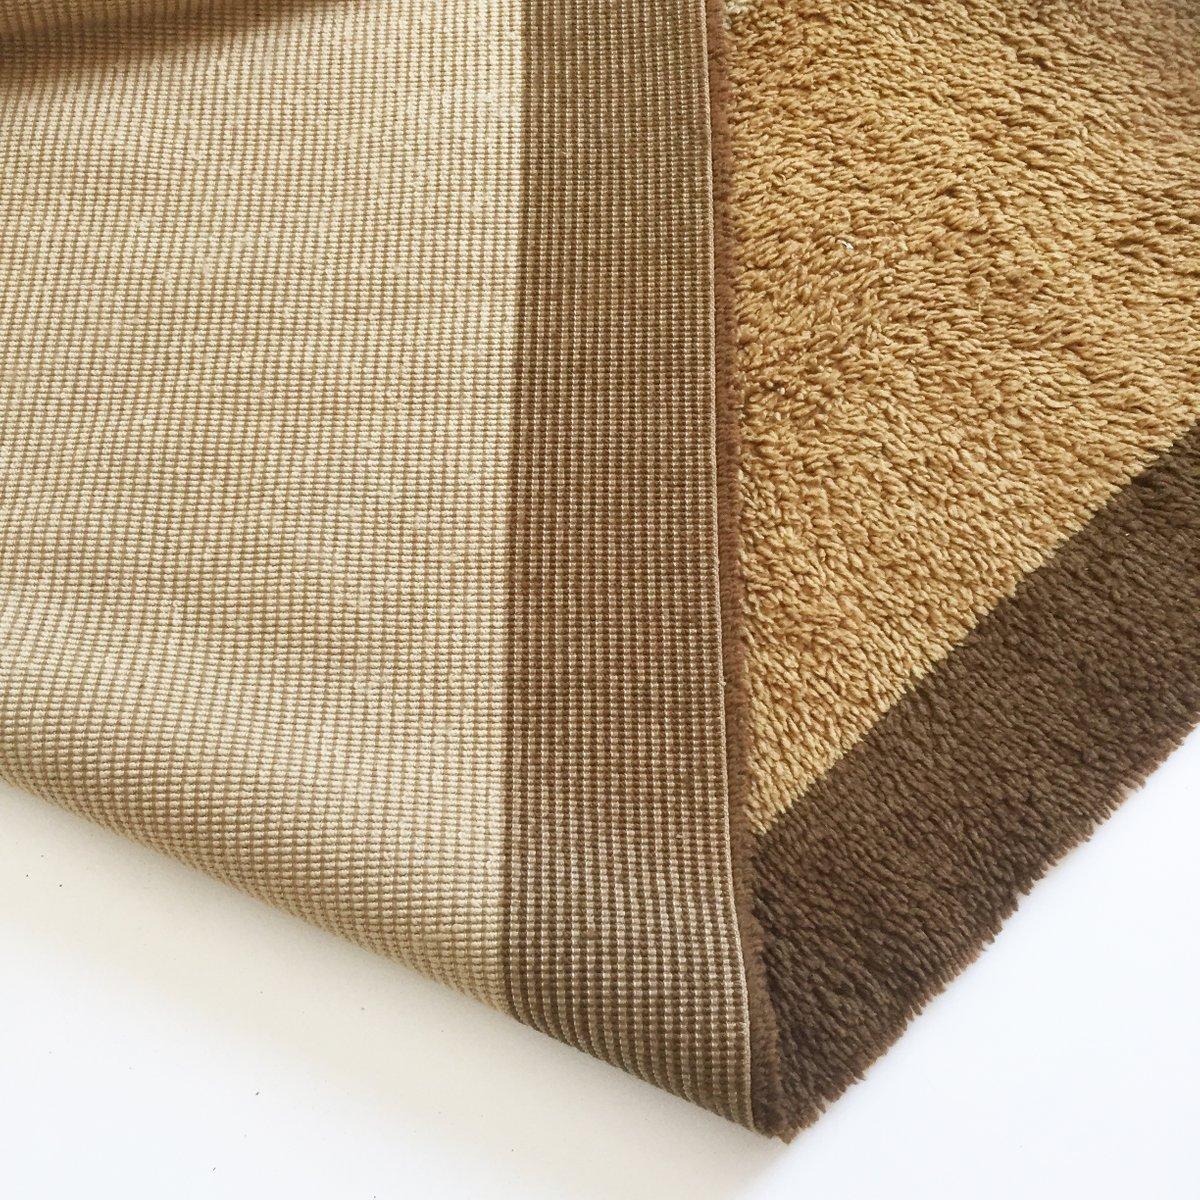 gro er modernistische rya teppich 1970er bei pamono kaufen. Black Bedroom Furniture Sets. Home Design Ideas